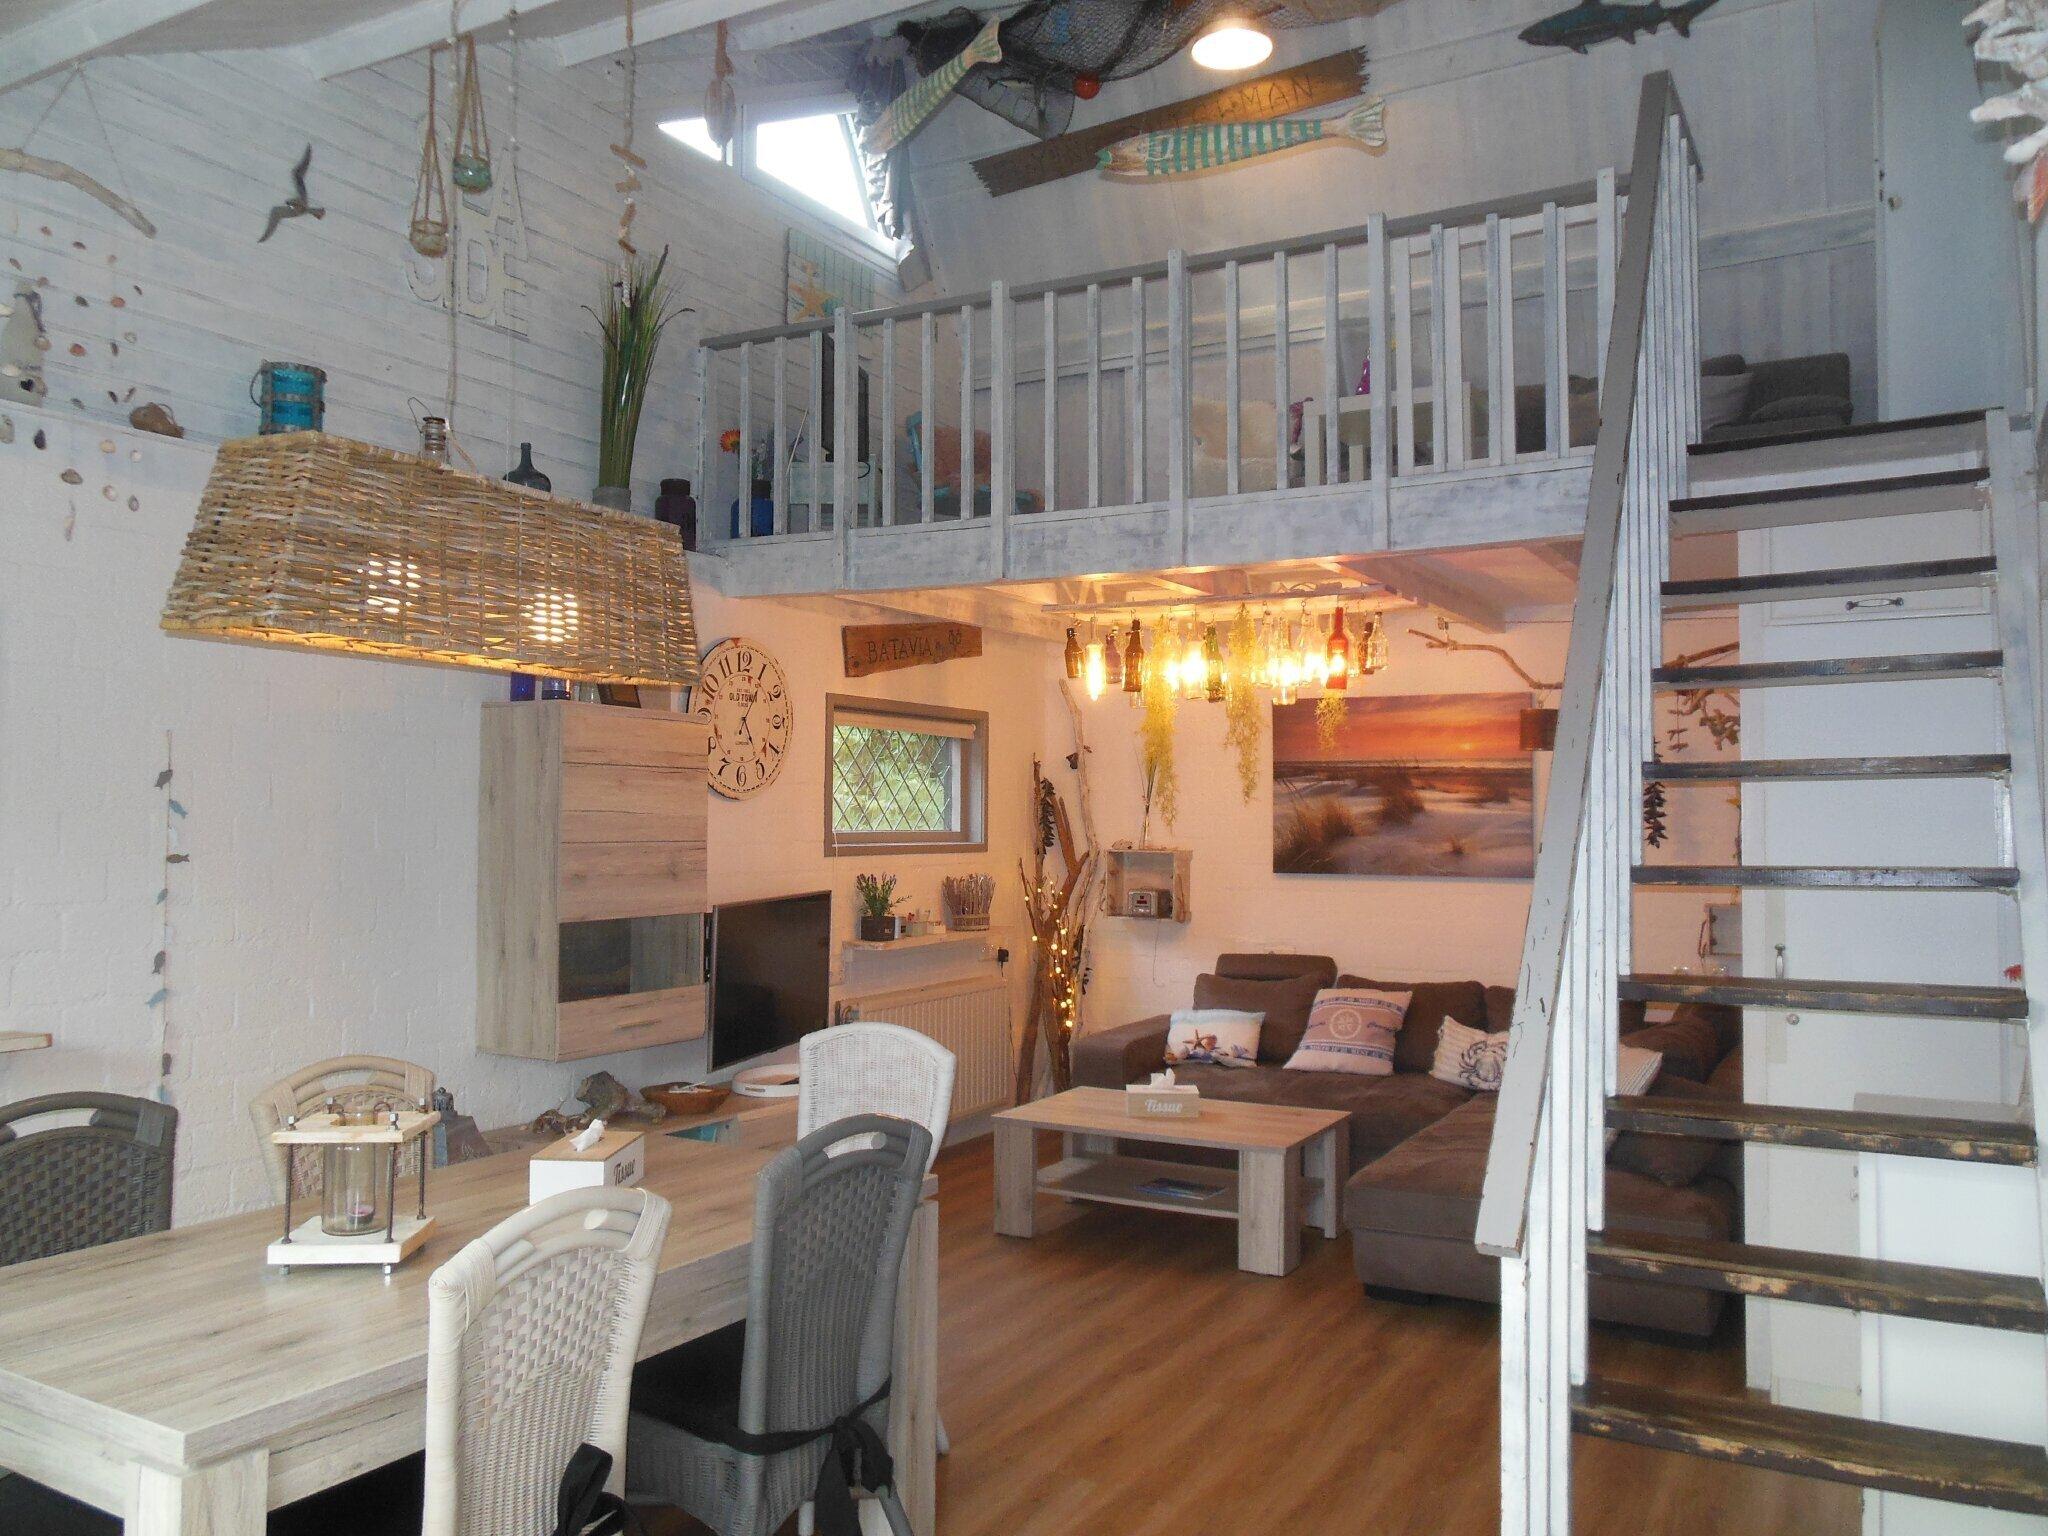 Wohnzimmer mit Aufgang zur Galerie